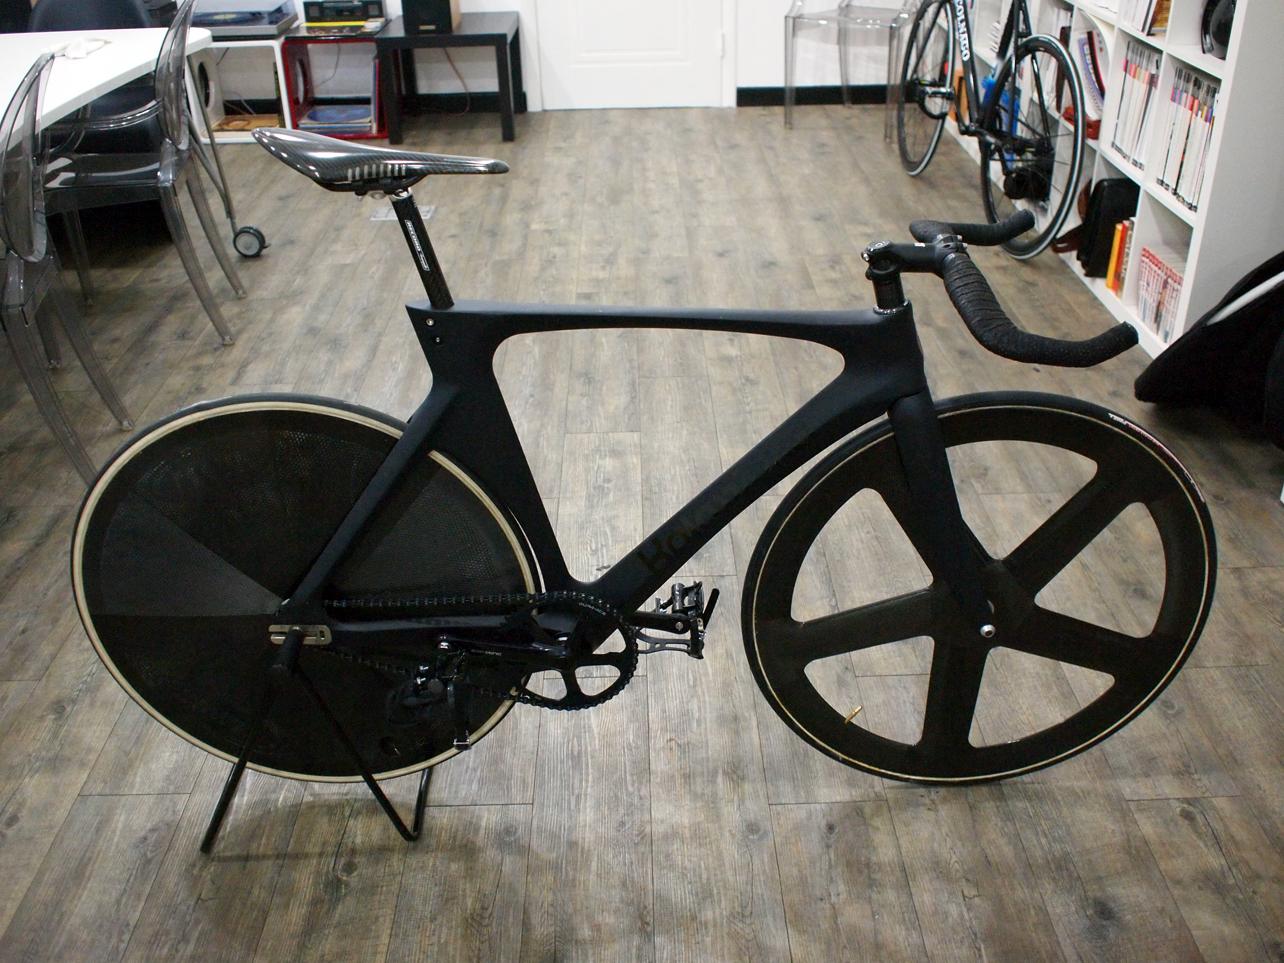 http://2.bp.blogspot.com/_NPSFjqm4QpQ/TSKN1p5EfxI/AAAAAAAAAgU/jlT1Ss8mmo4/s1600/blackbikes+005.JPG